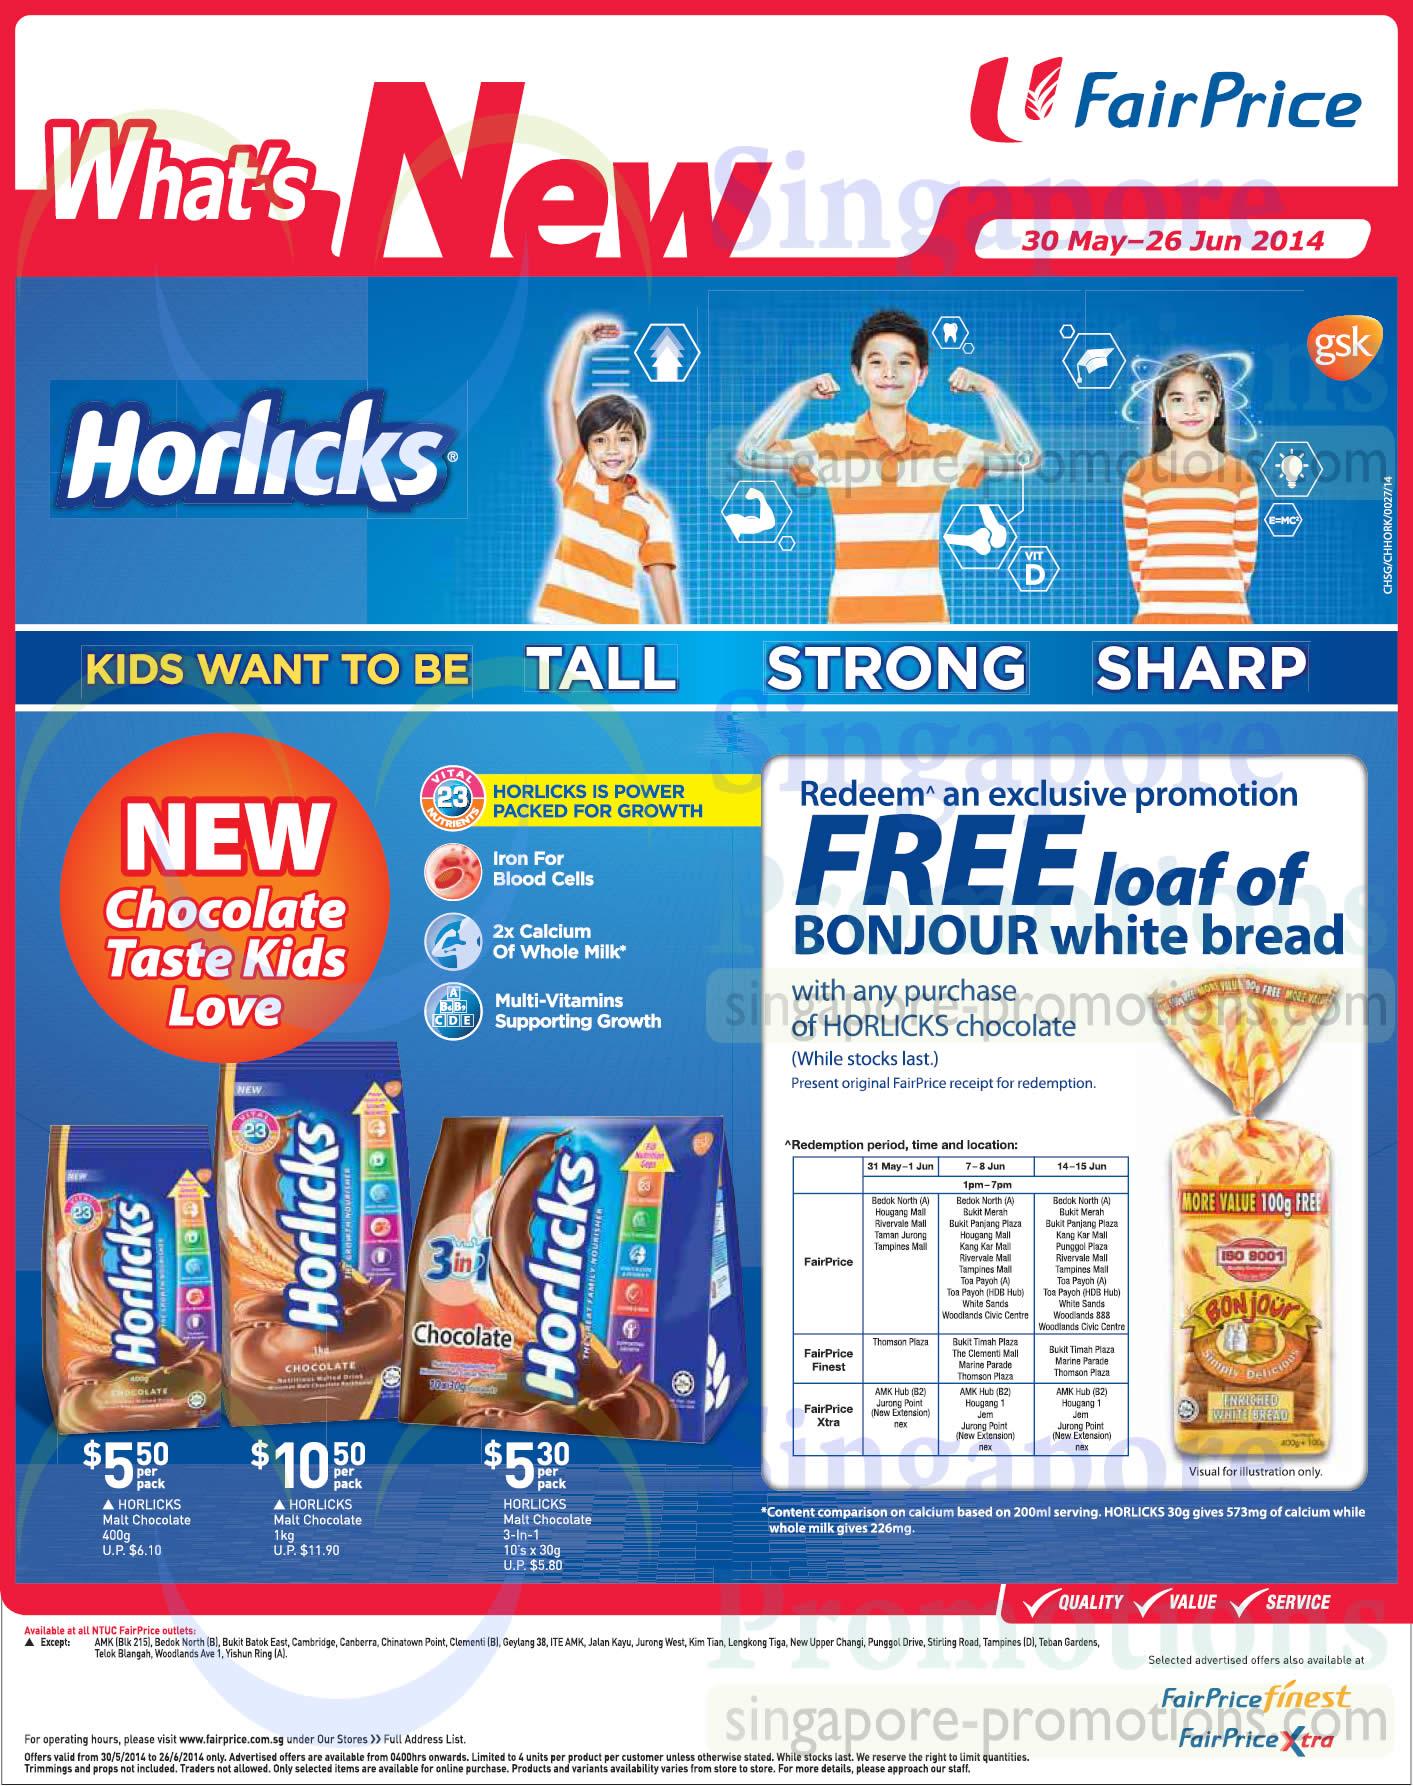 horlicks sales promotion